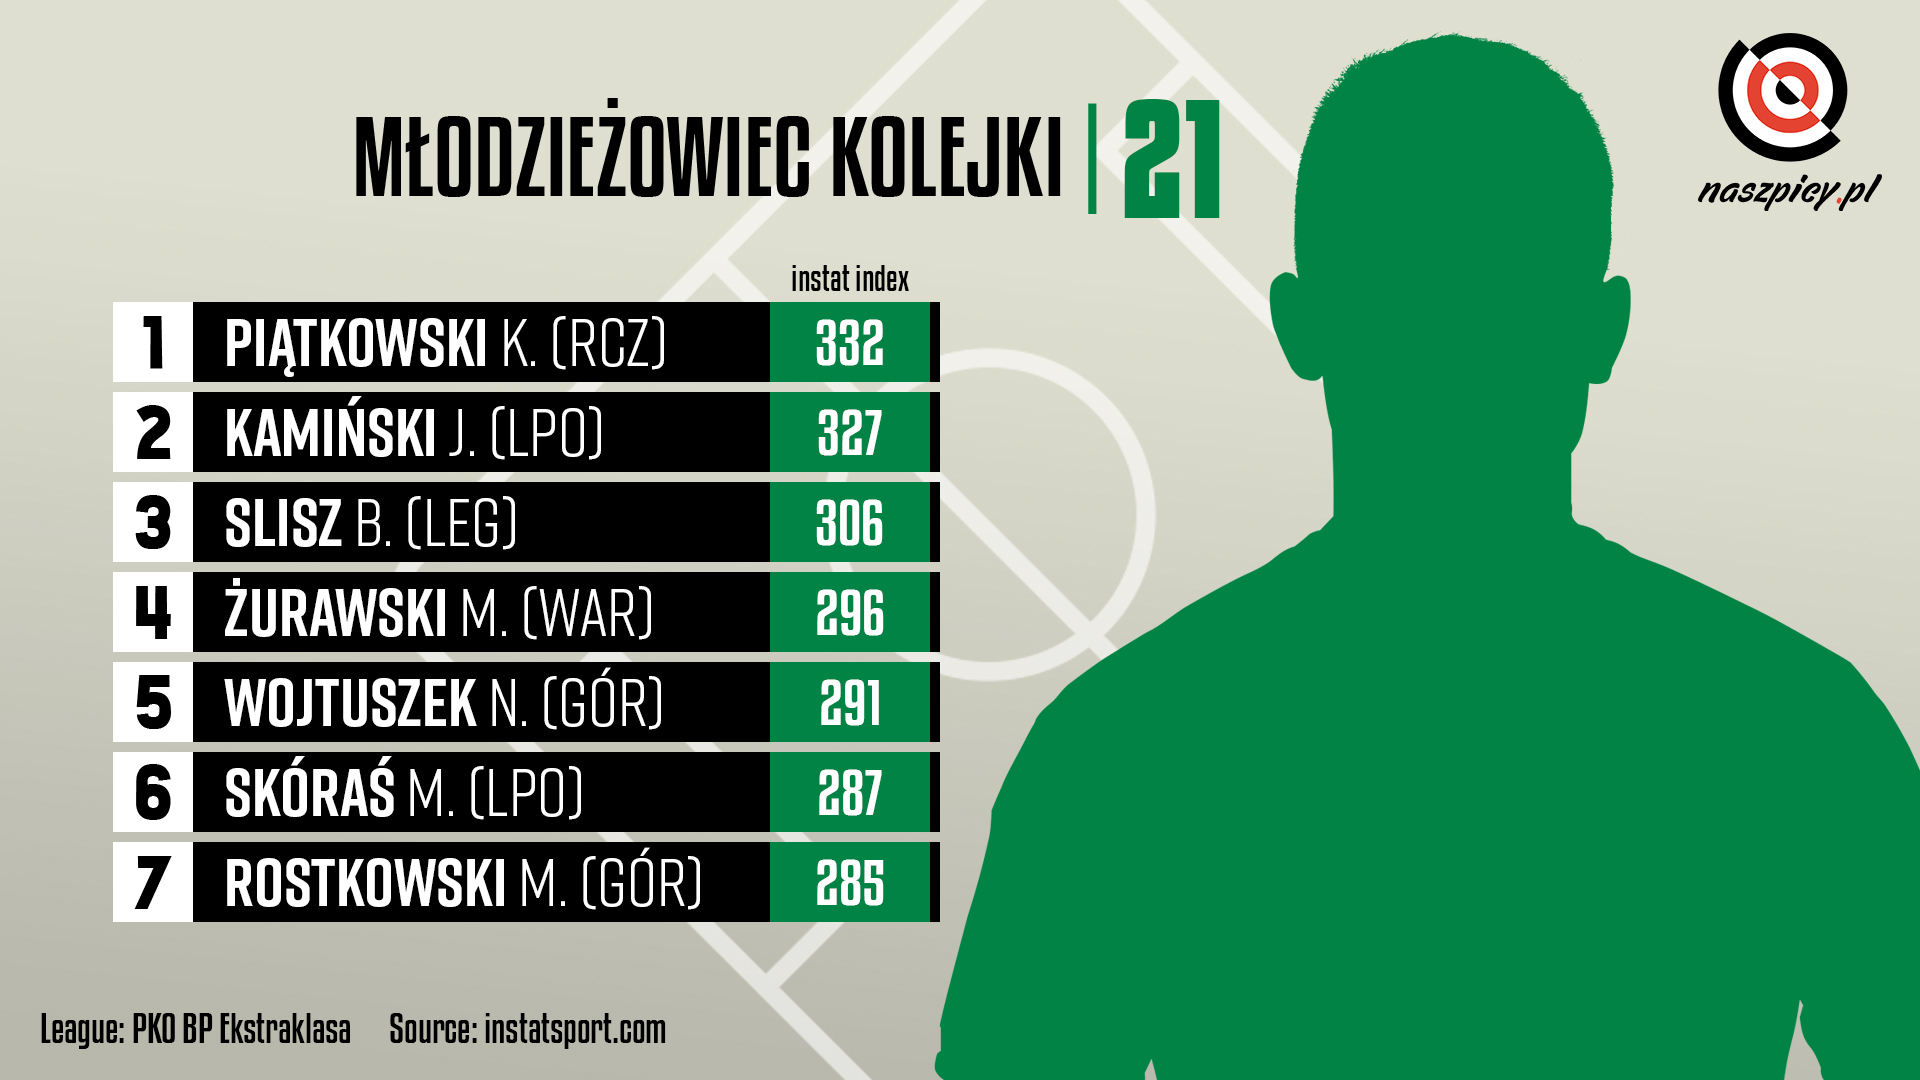 Ranking młodzieżowców w 21. kolejce PKO Ekstraklasy wg InStat Index<br><br>Źródło: Opracowanie własne na podstawie instatsport.com<br><br>graf. Bartosz Urban